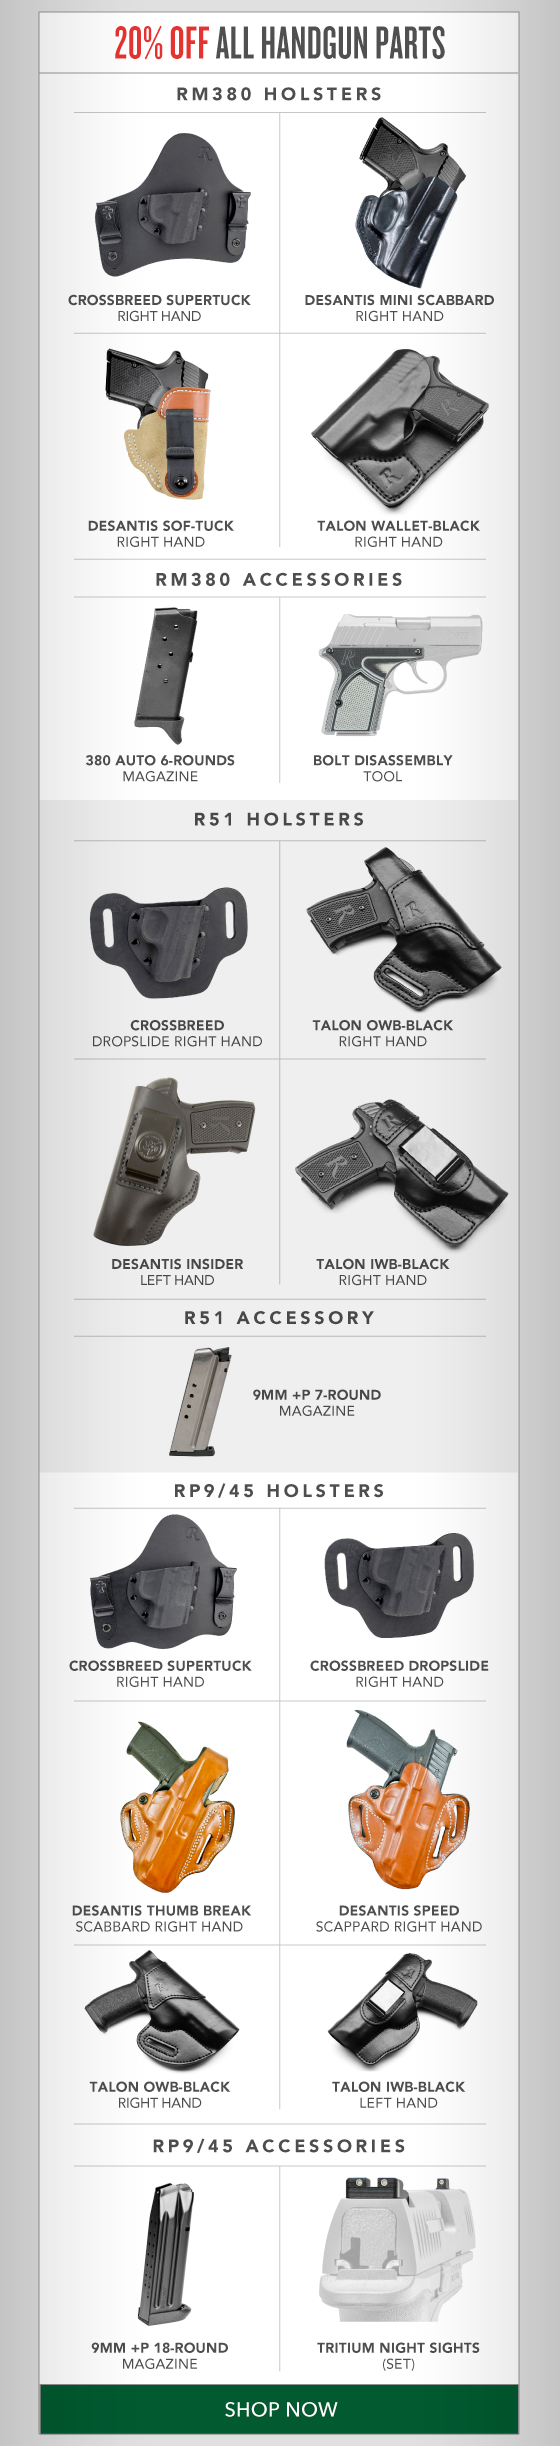 20% OFF Handgun Parts